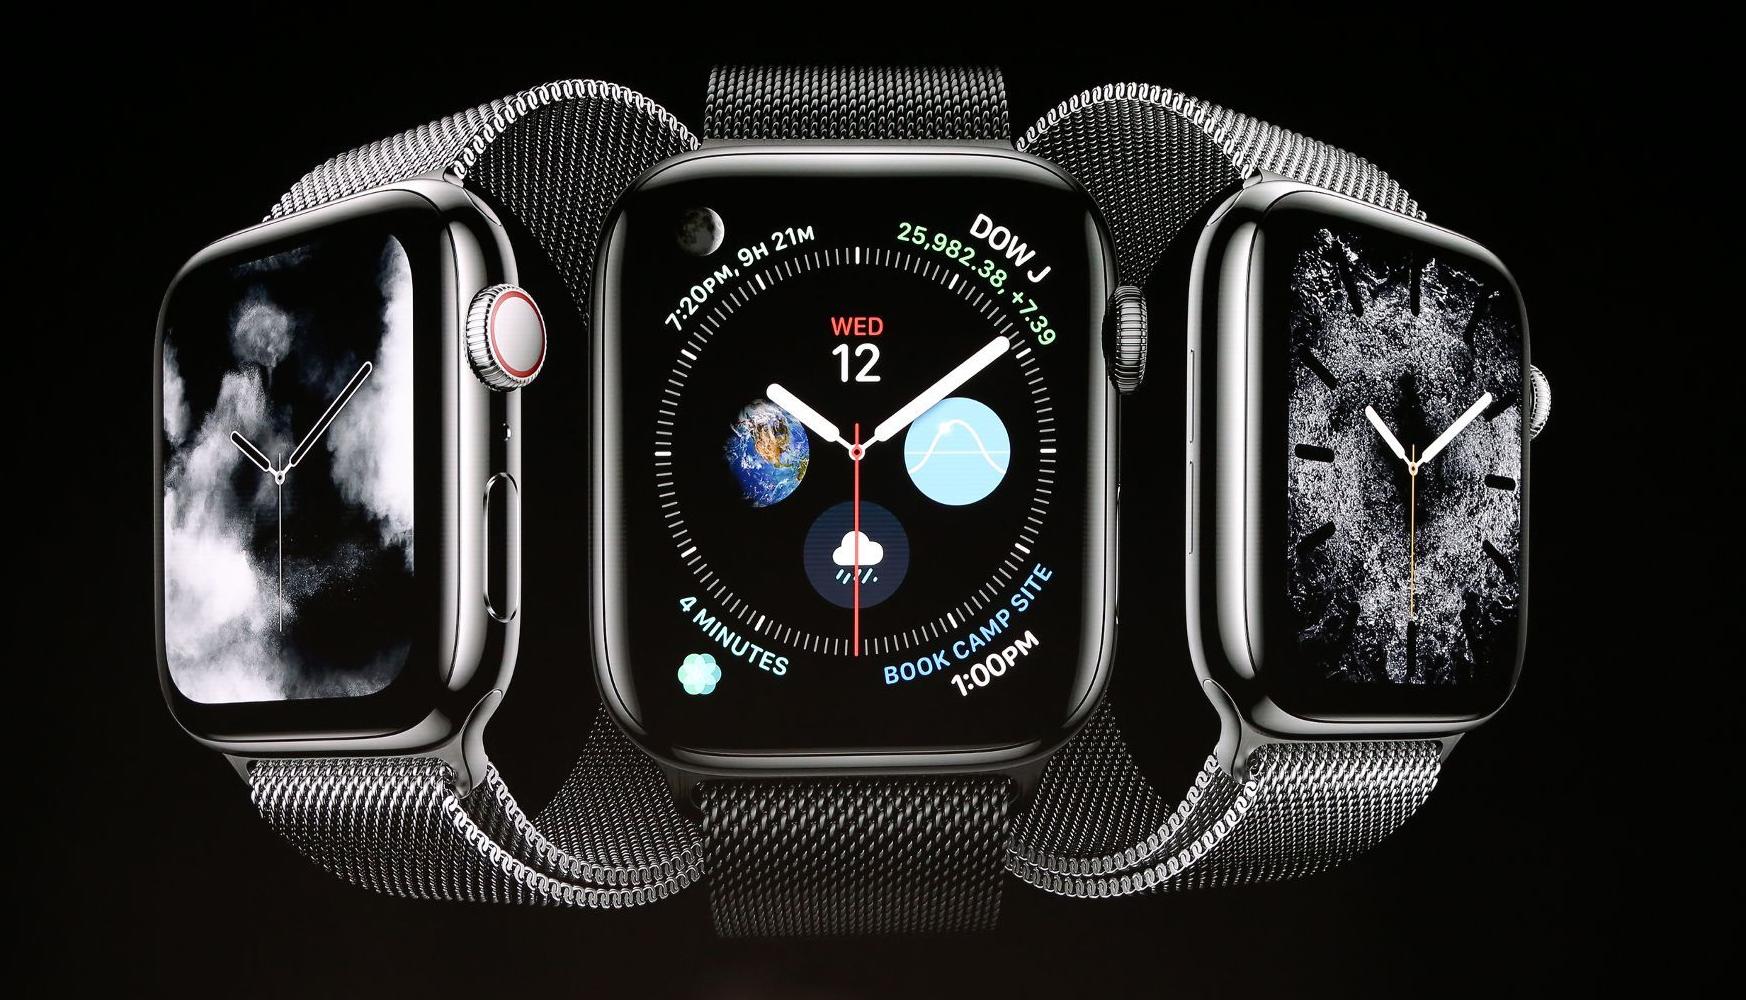 Megérkezett az negyedik Apple Watch - Mobilarena Tartozékok hír 0470fc93ed